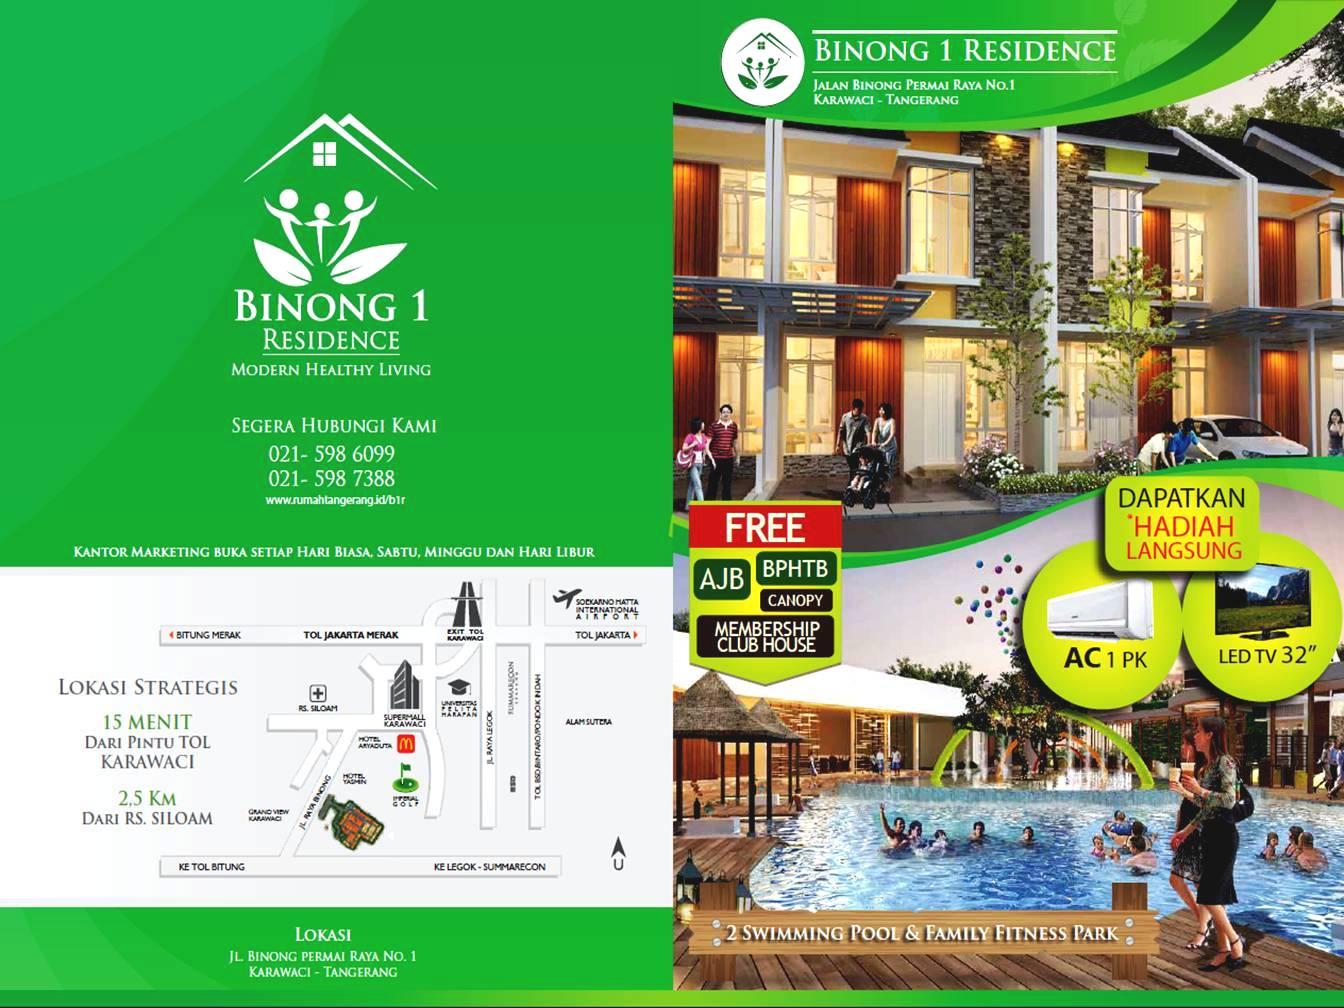 Binong 1 Residence Karawaci Tangerang telpon 021 598 7388